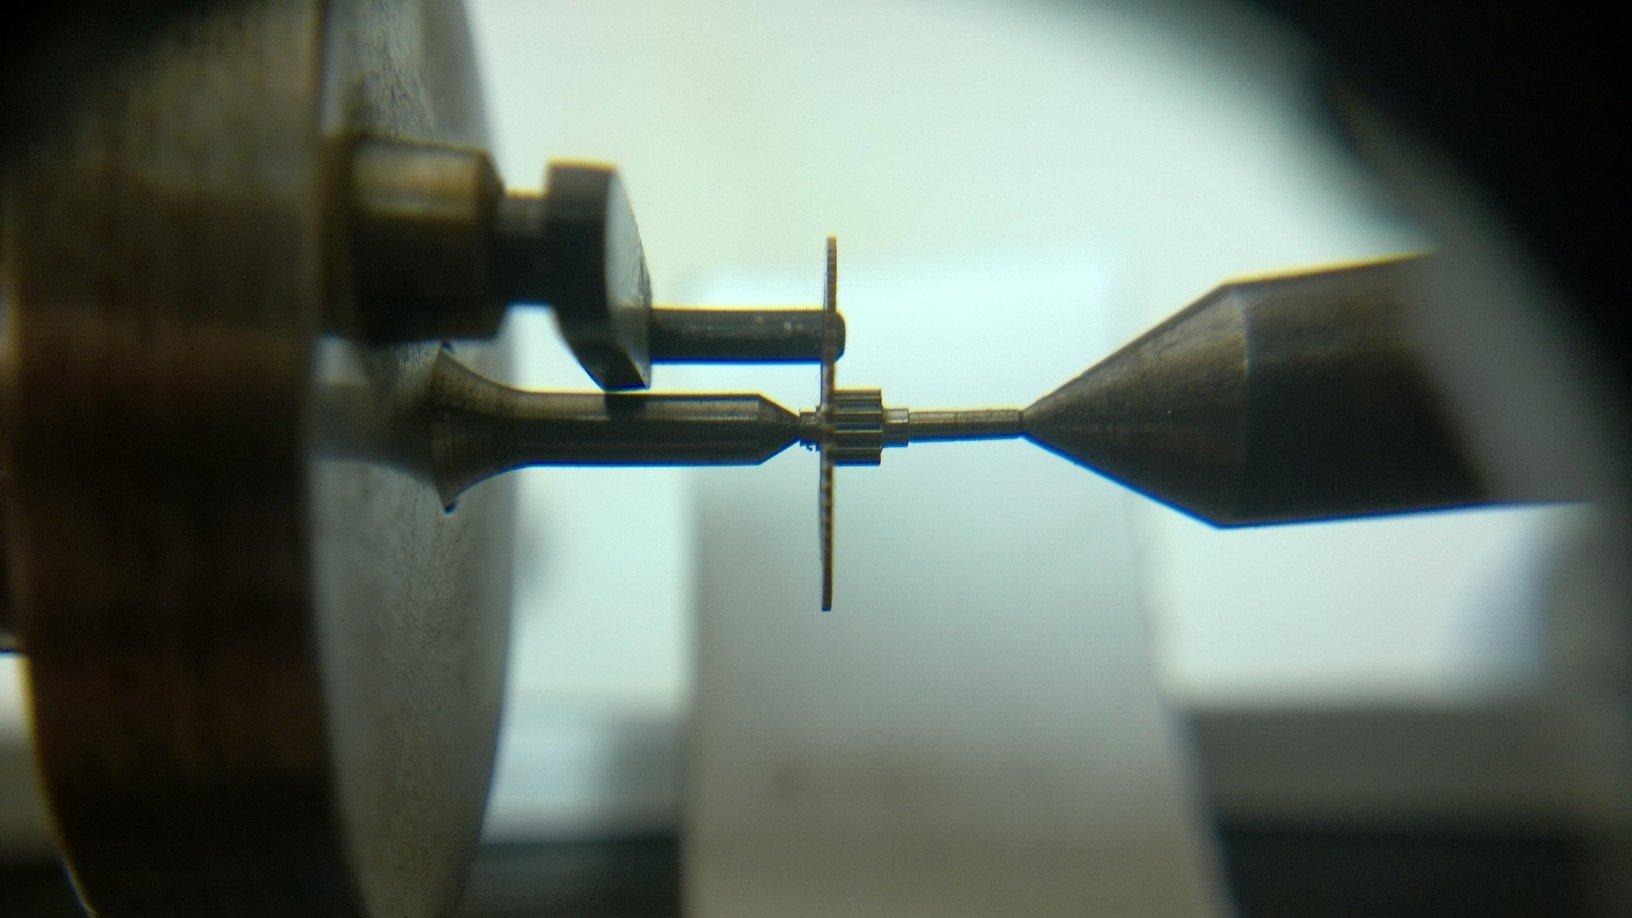 Watch repairing equipment